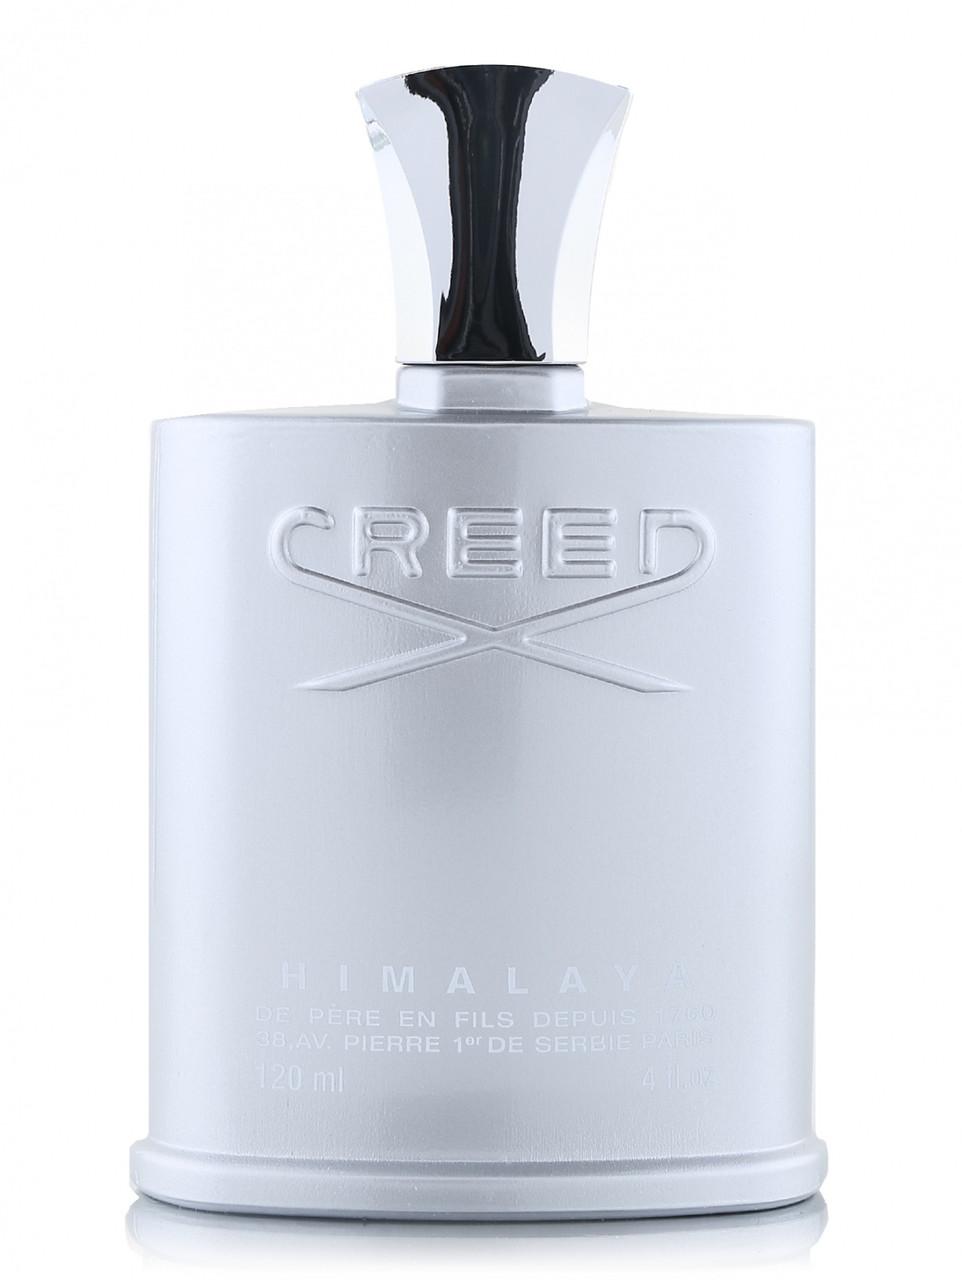 Оригинал Creed Himalaya Tester 120 ml Духи Крид Гималаи Тестер 161ce05d3cb90